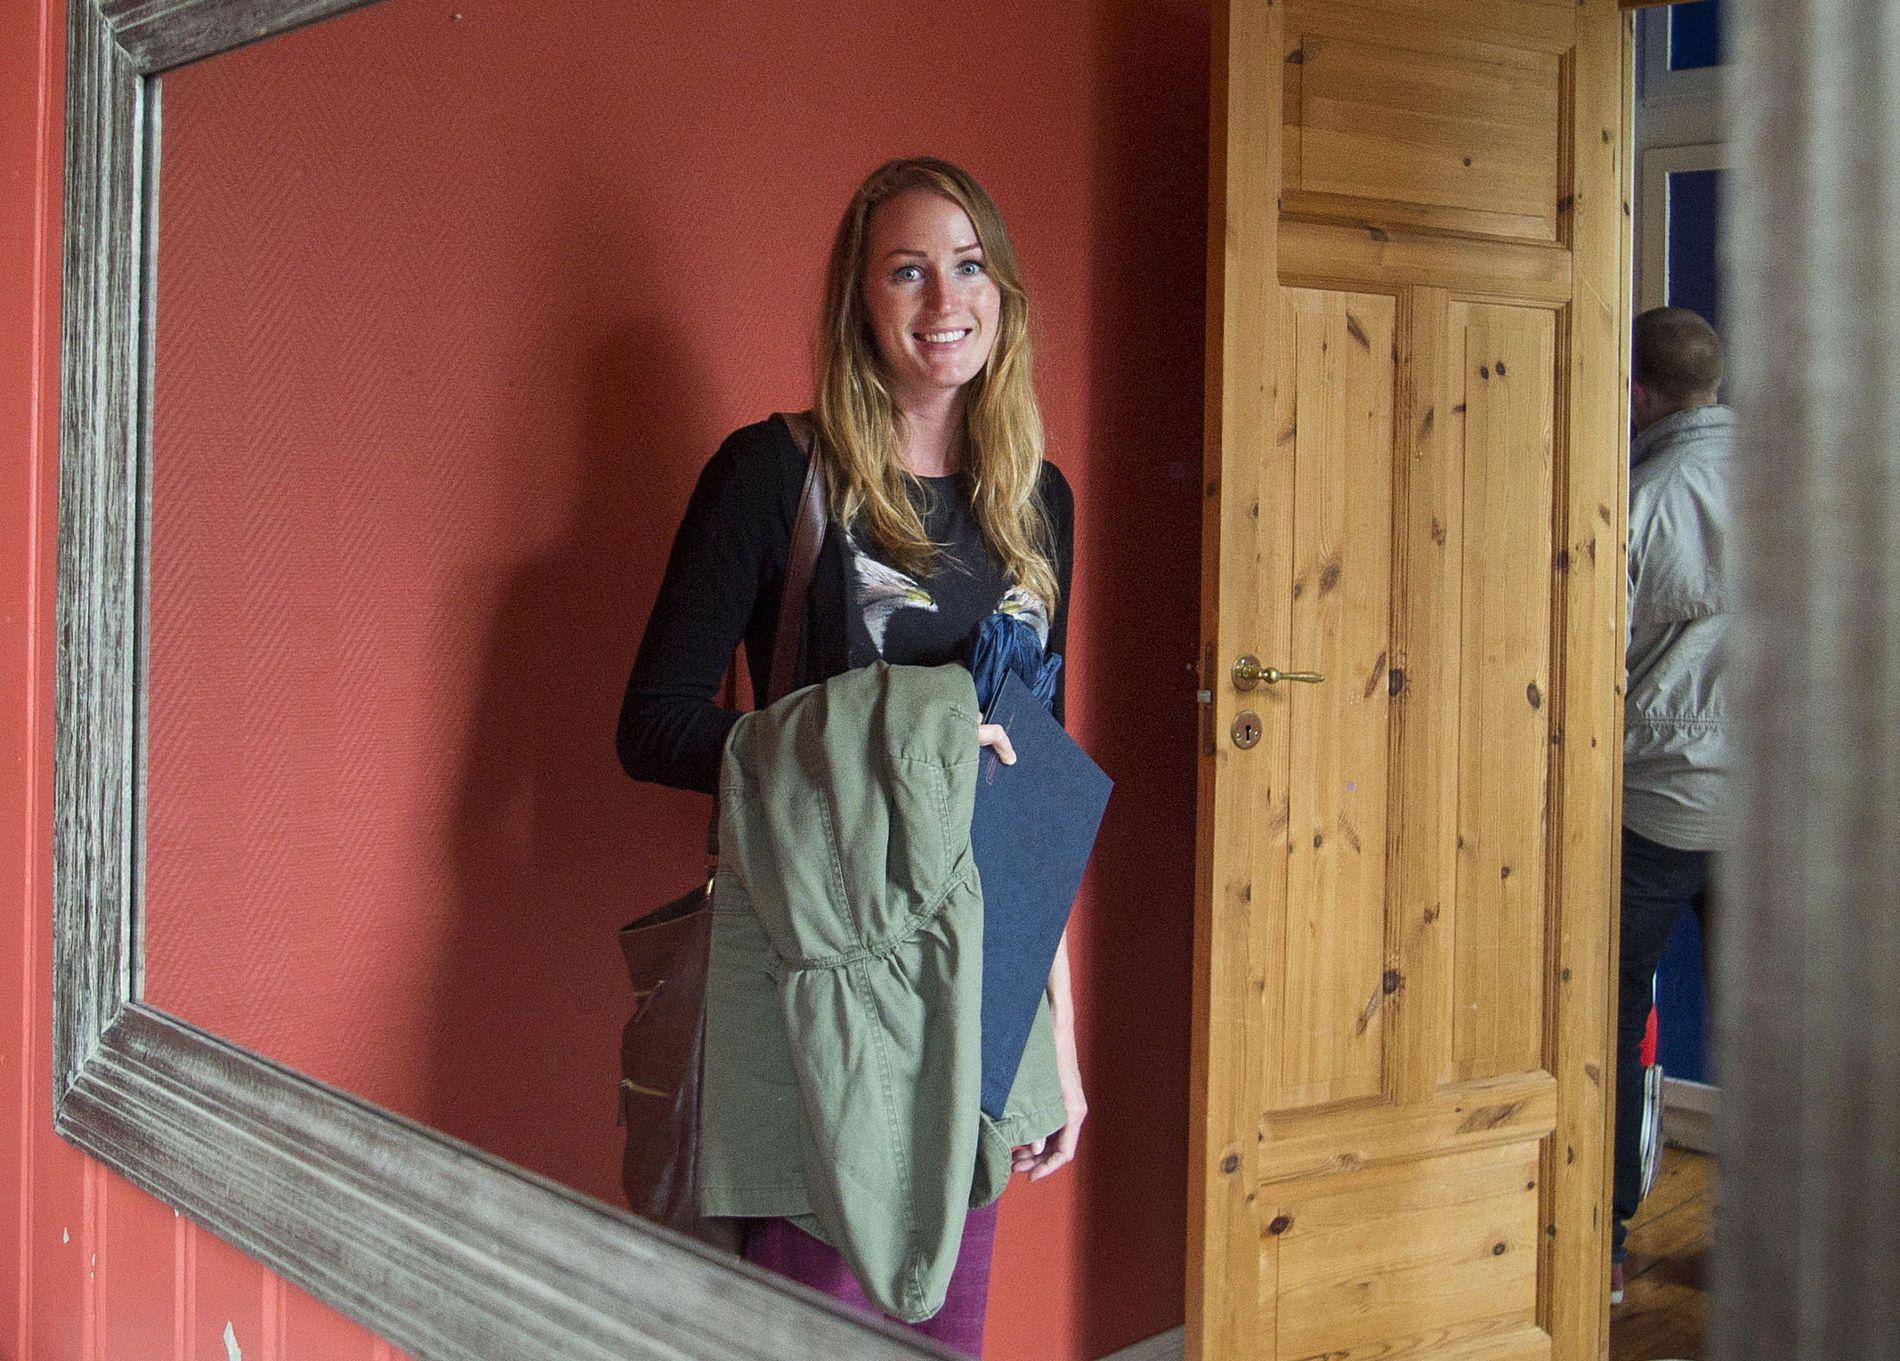 Leie ut: Monica Nichols (26) ønsker seg en leilighet der hun kan leie ut, siden det er dyrt å kjøpe alene. Her på visning i en toroms på Kampen i Oslo.